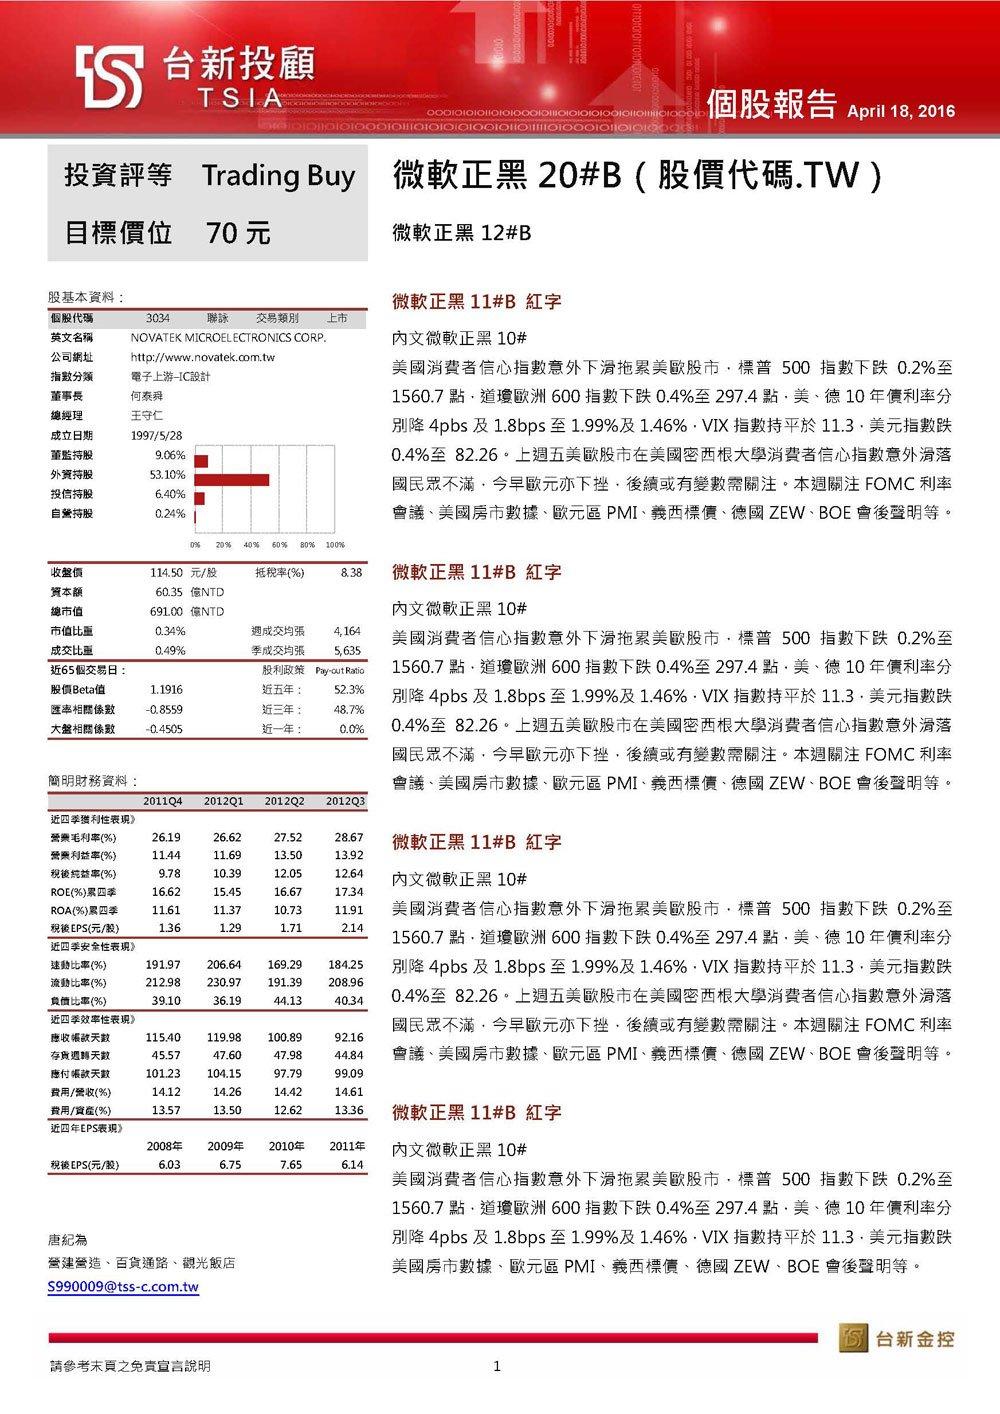 台新投顧_個股報告